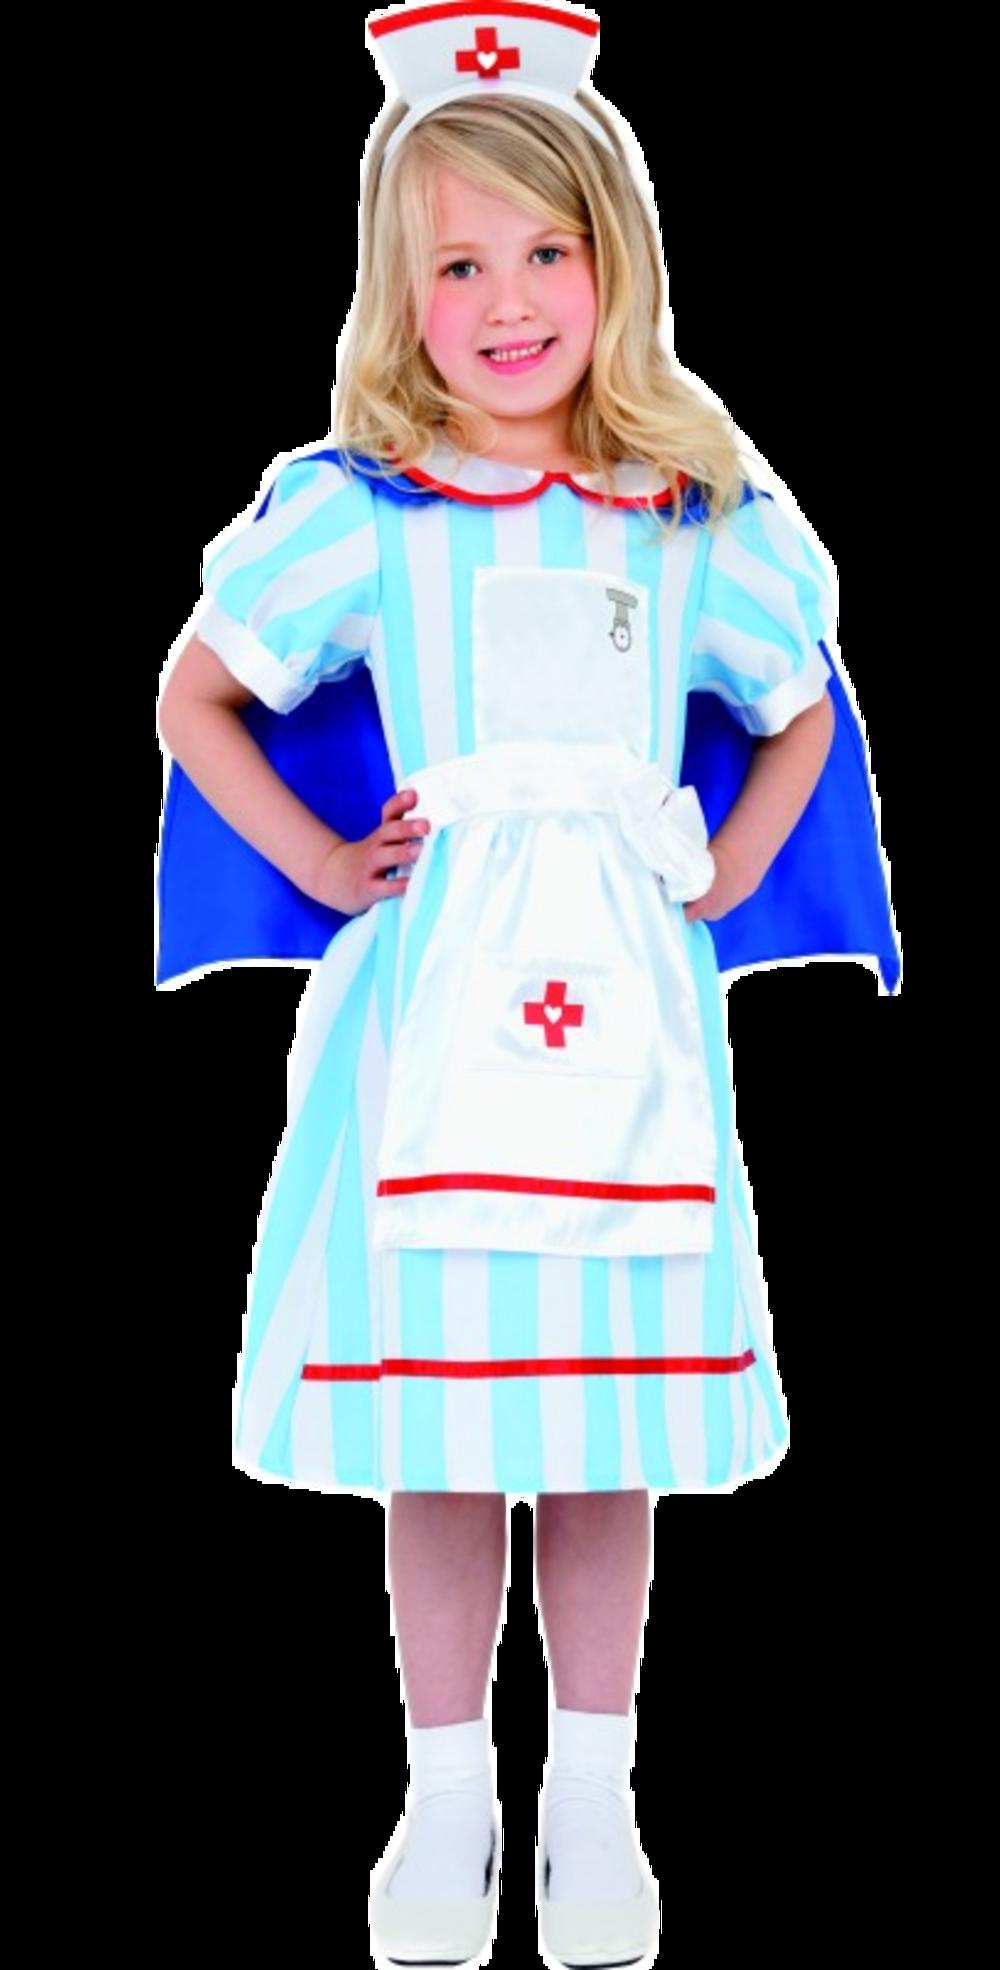 Vintage Nurse Fancy Dress